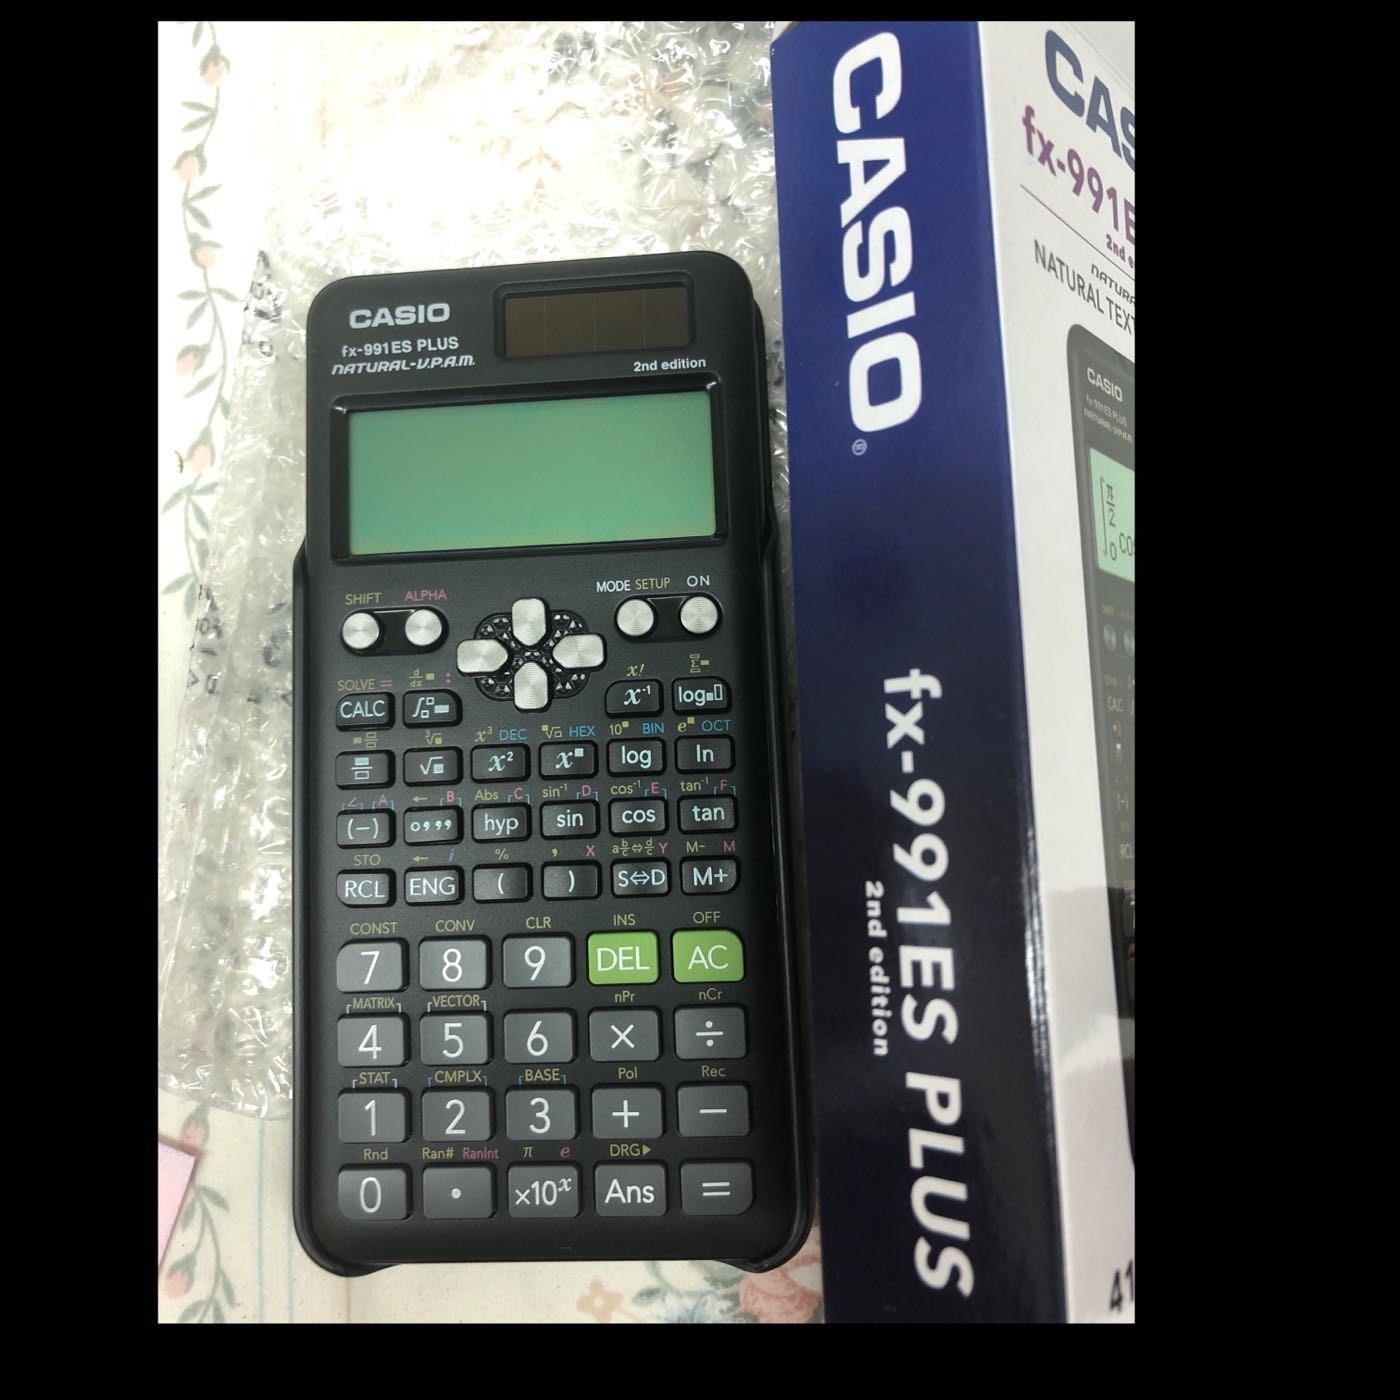 衝評價讚!免運費二代991全新台灣公司貨保固2年Casio 計算機 fx 991 ES PLUS II NEW強效型工程